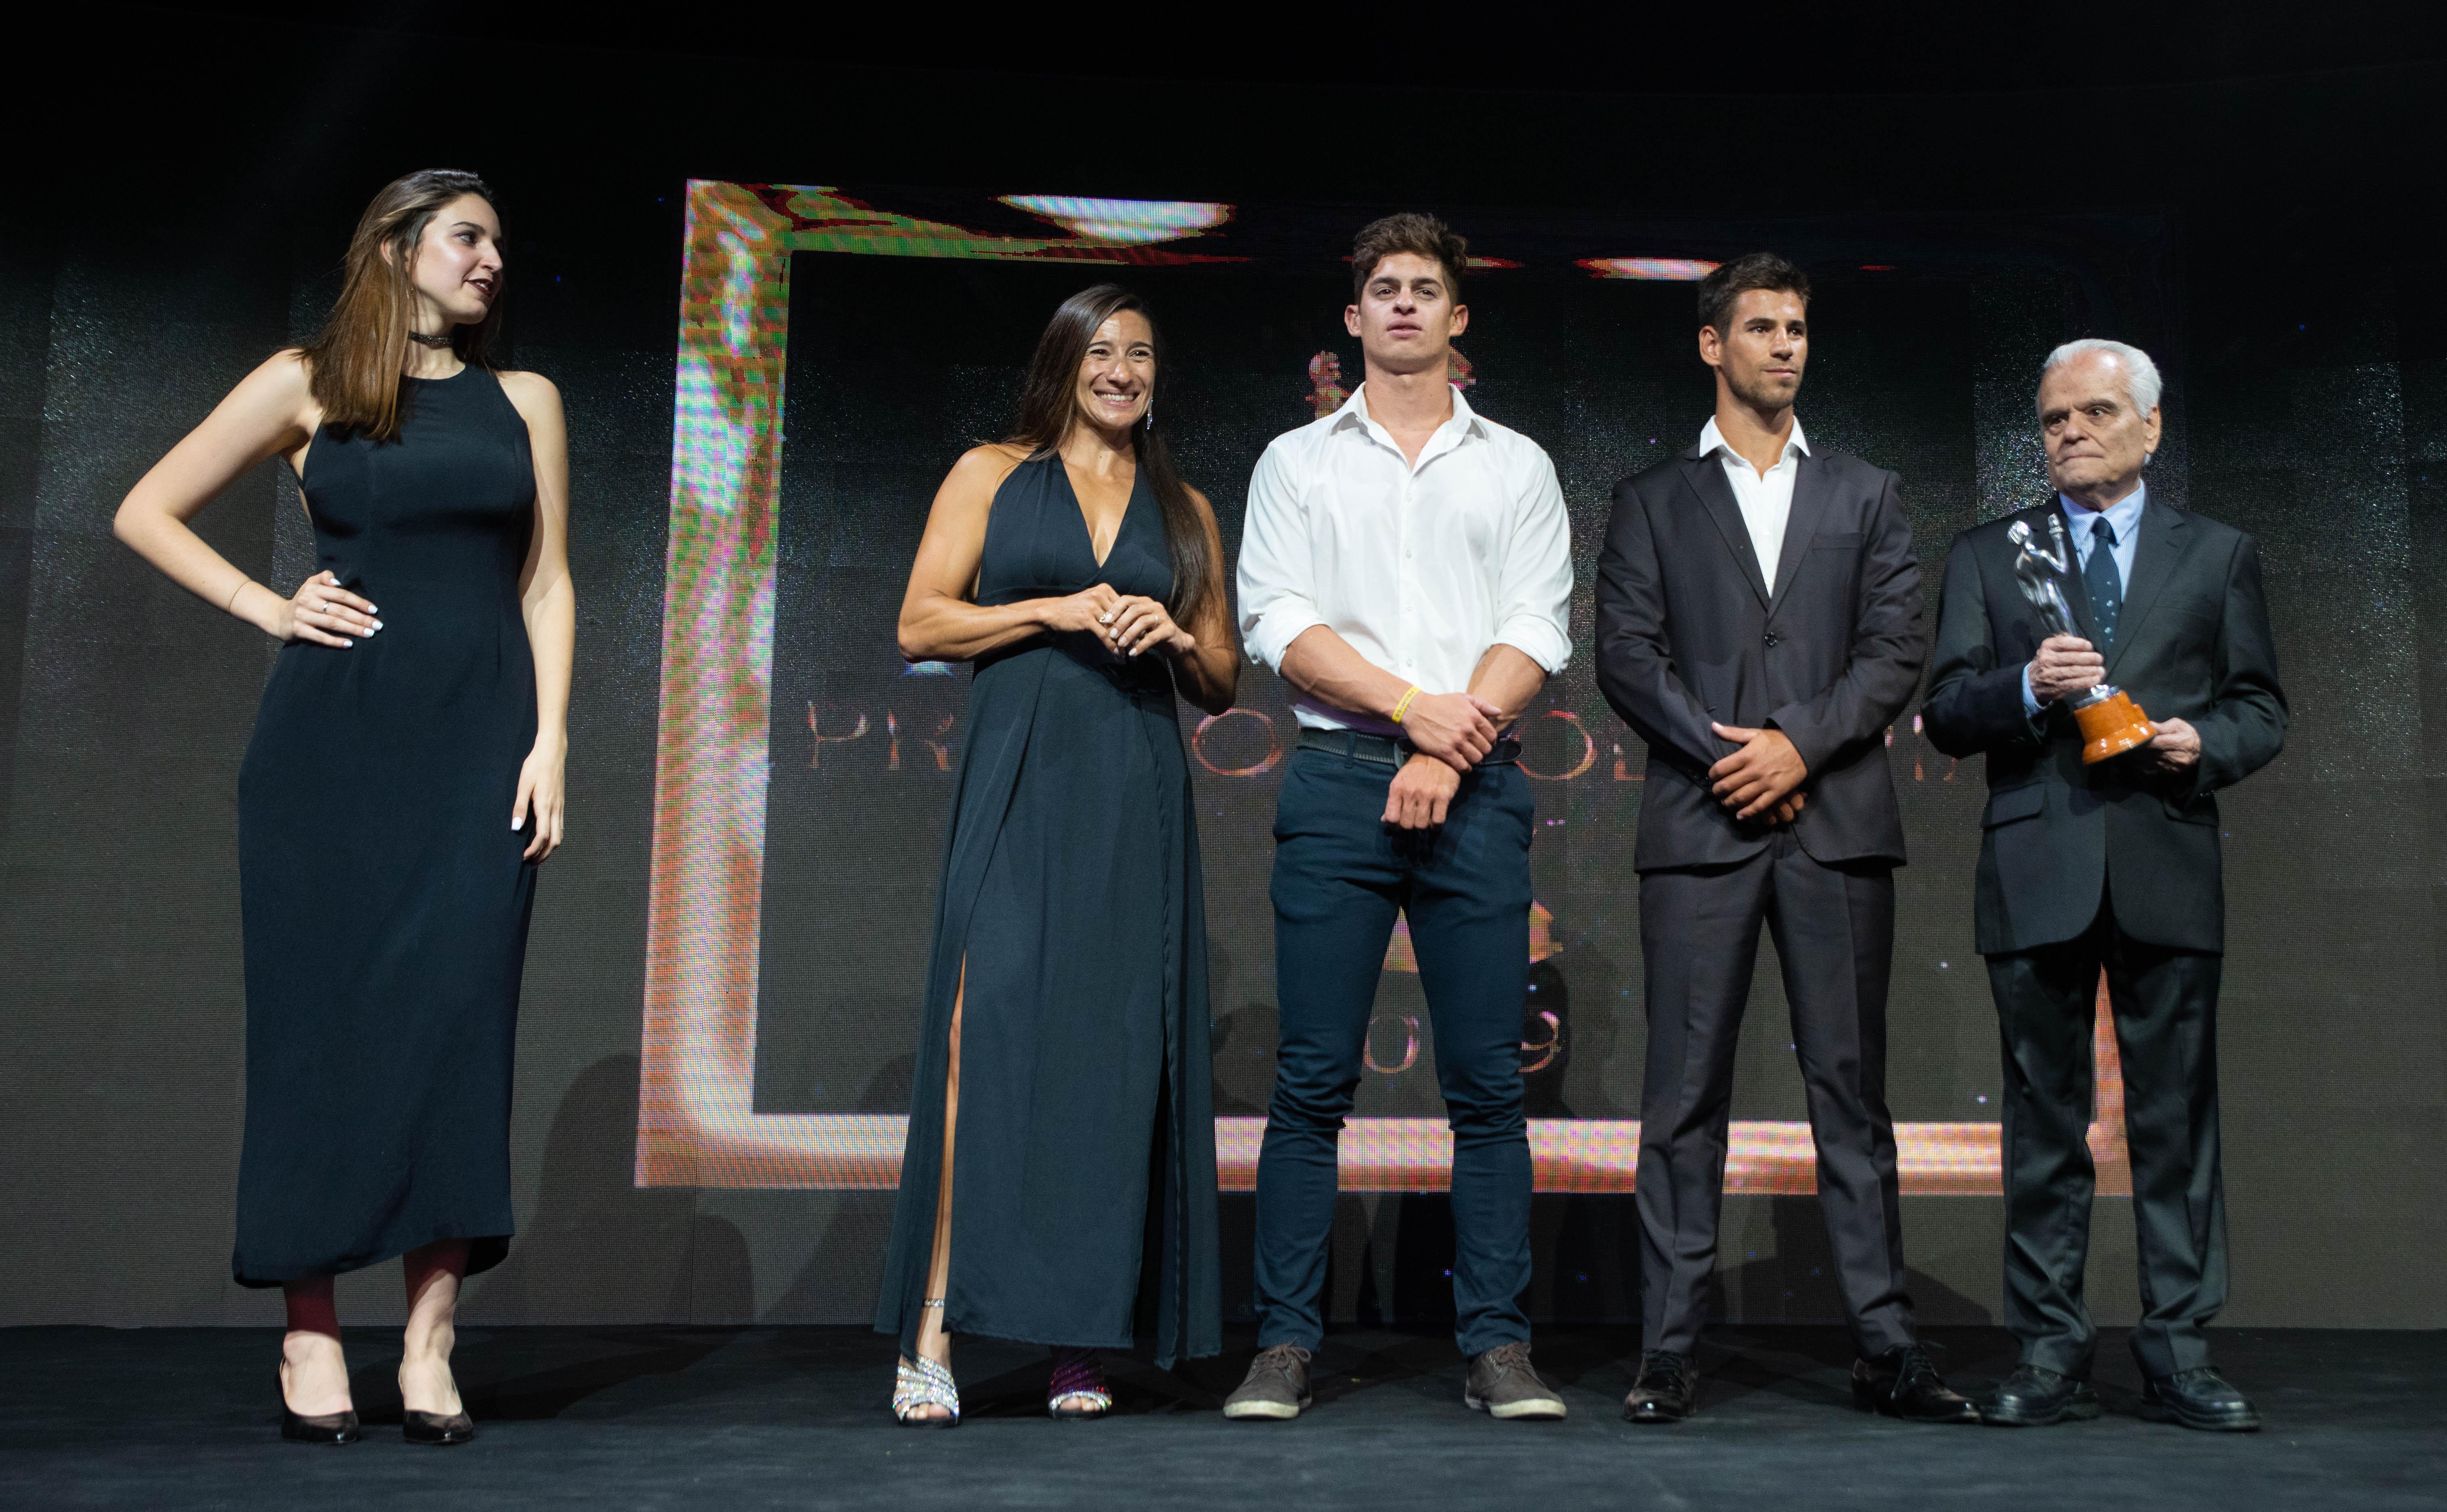 Sabrina Ameghino, Manuel Lascano y Agustín Vernice, protagonistas de la terna del canotaje